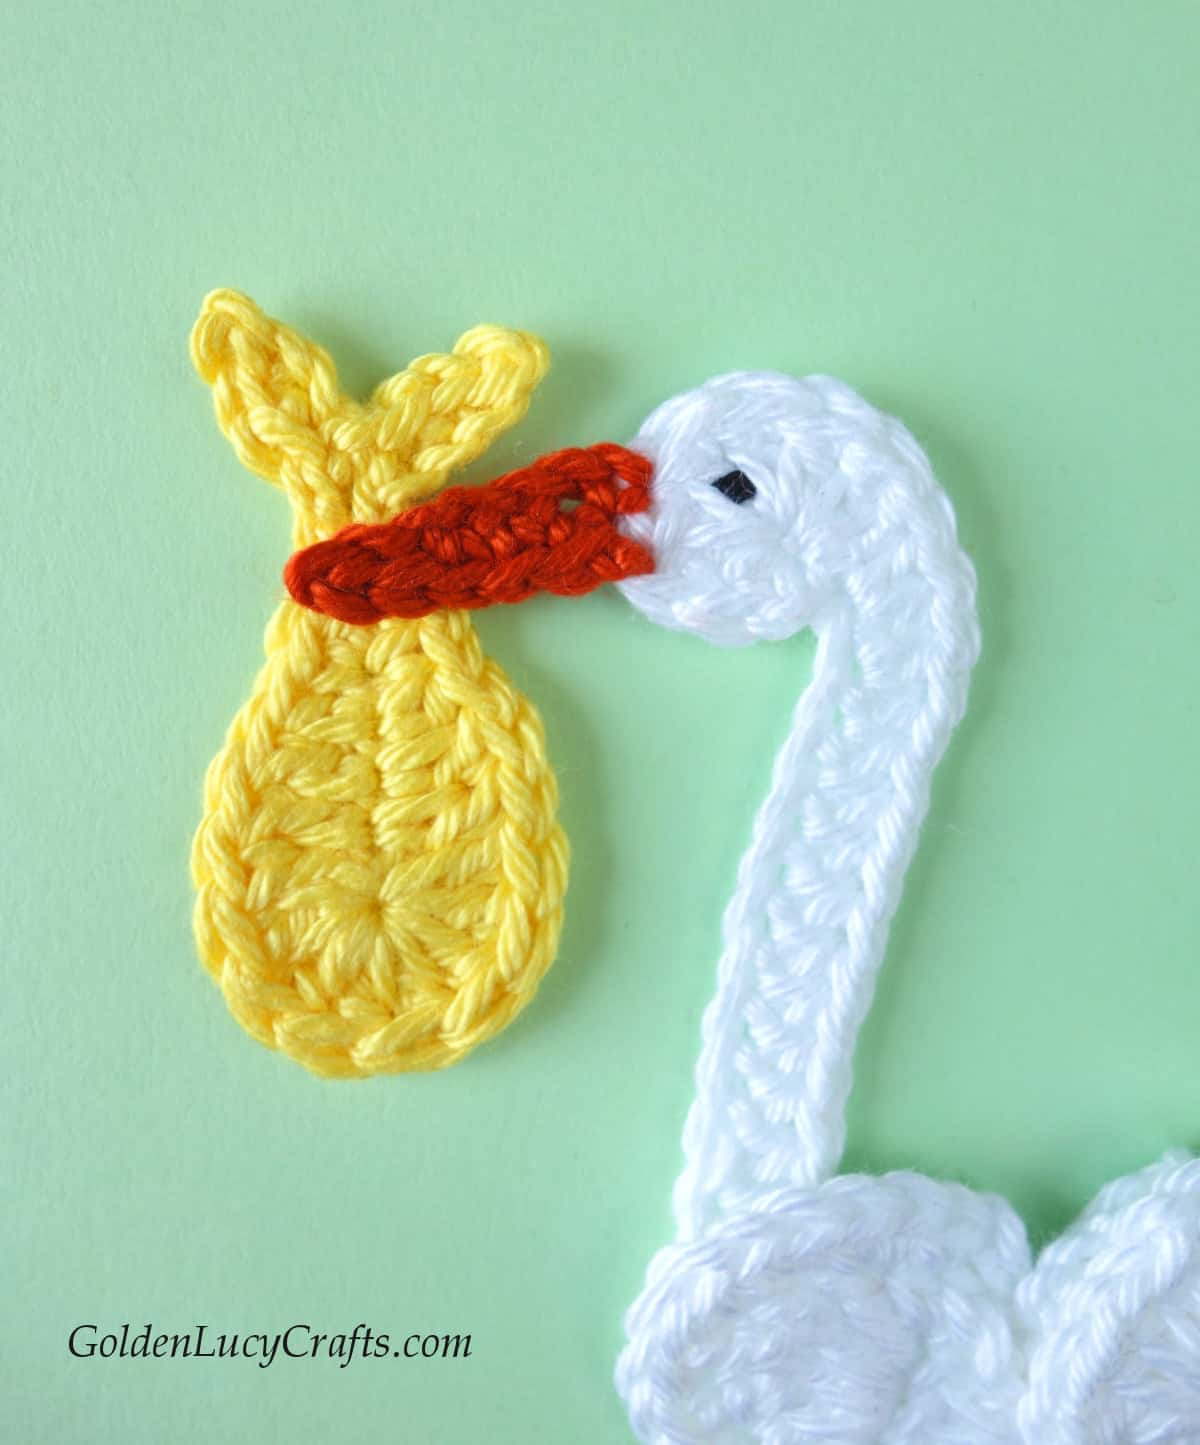 Head of Stork applique, baby bundle in his beak.